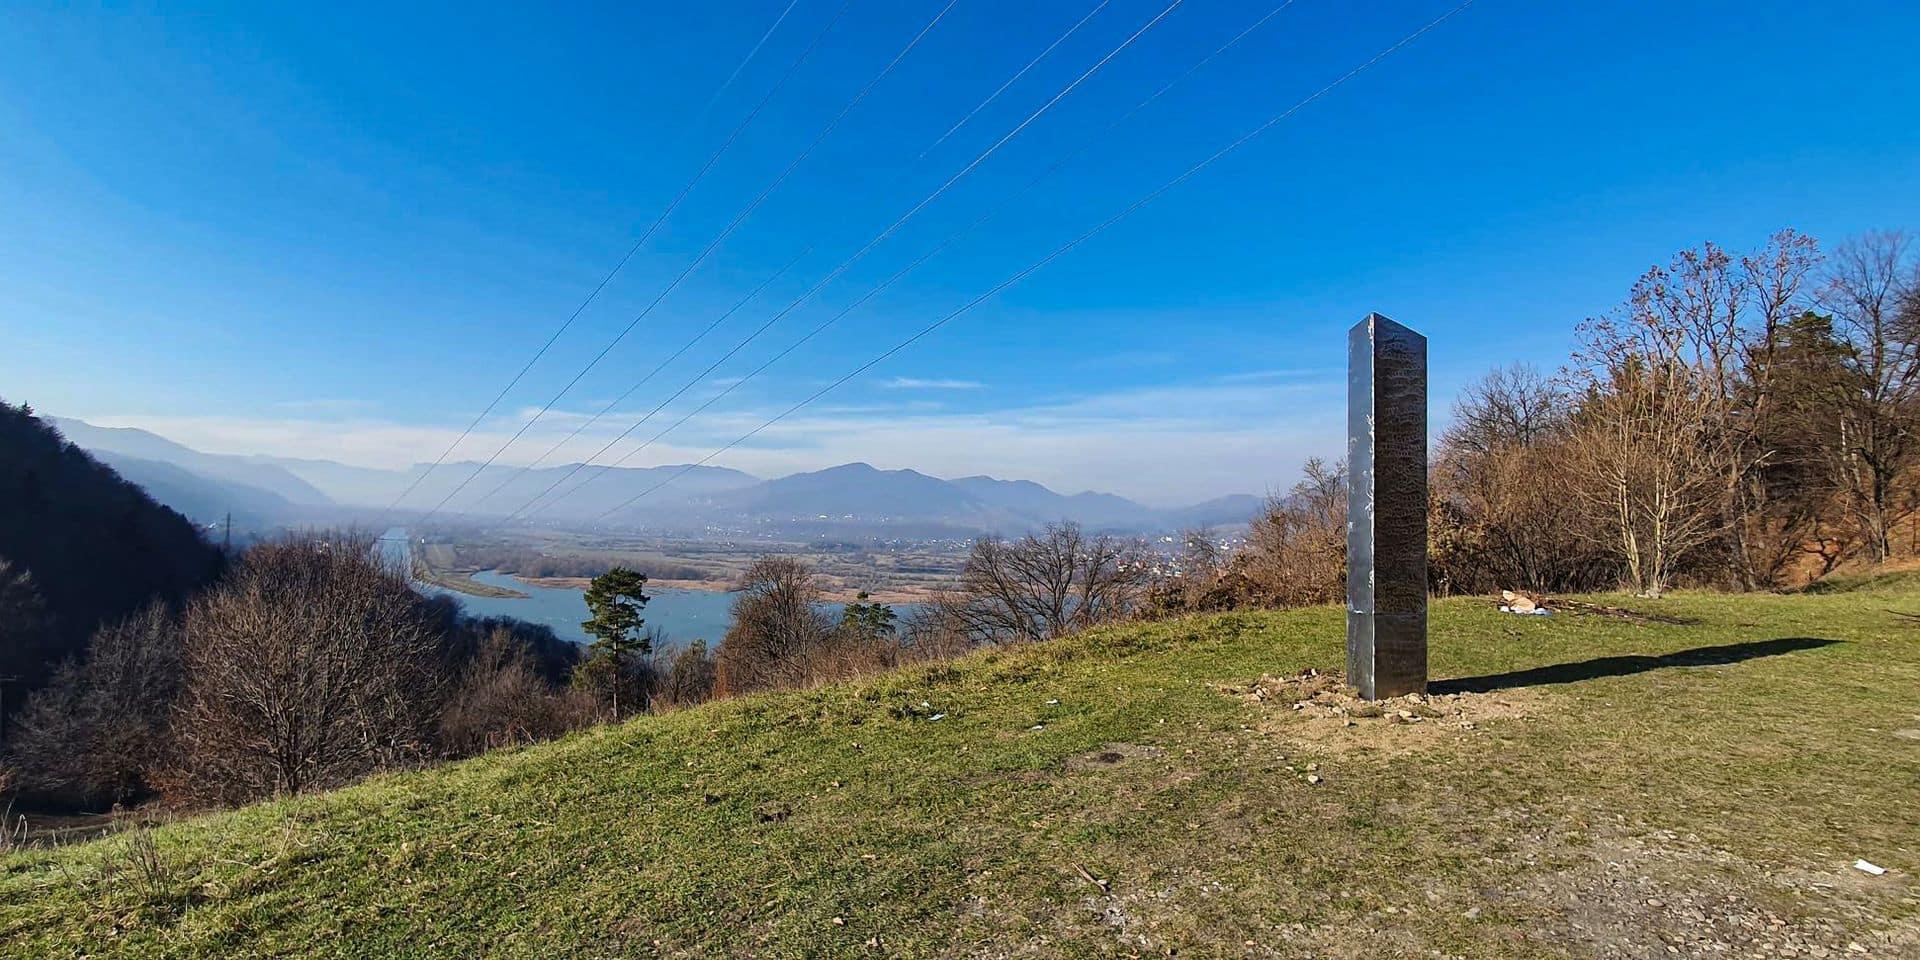 Après l'Utah et la Roumanie, un mystérieux monolithe sur une île britannique